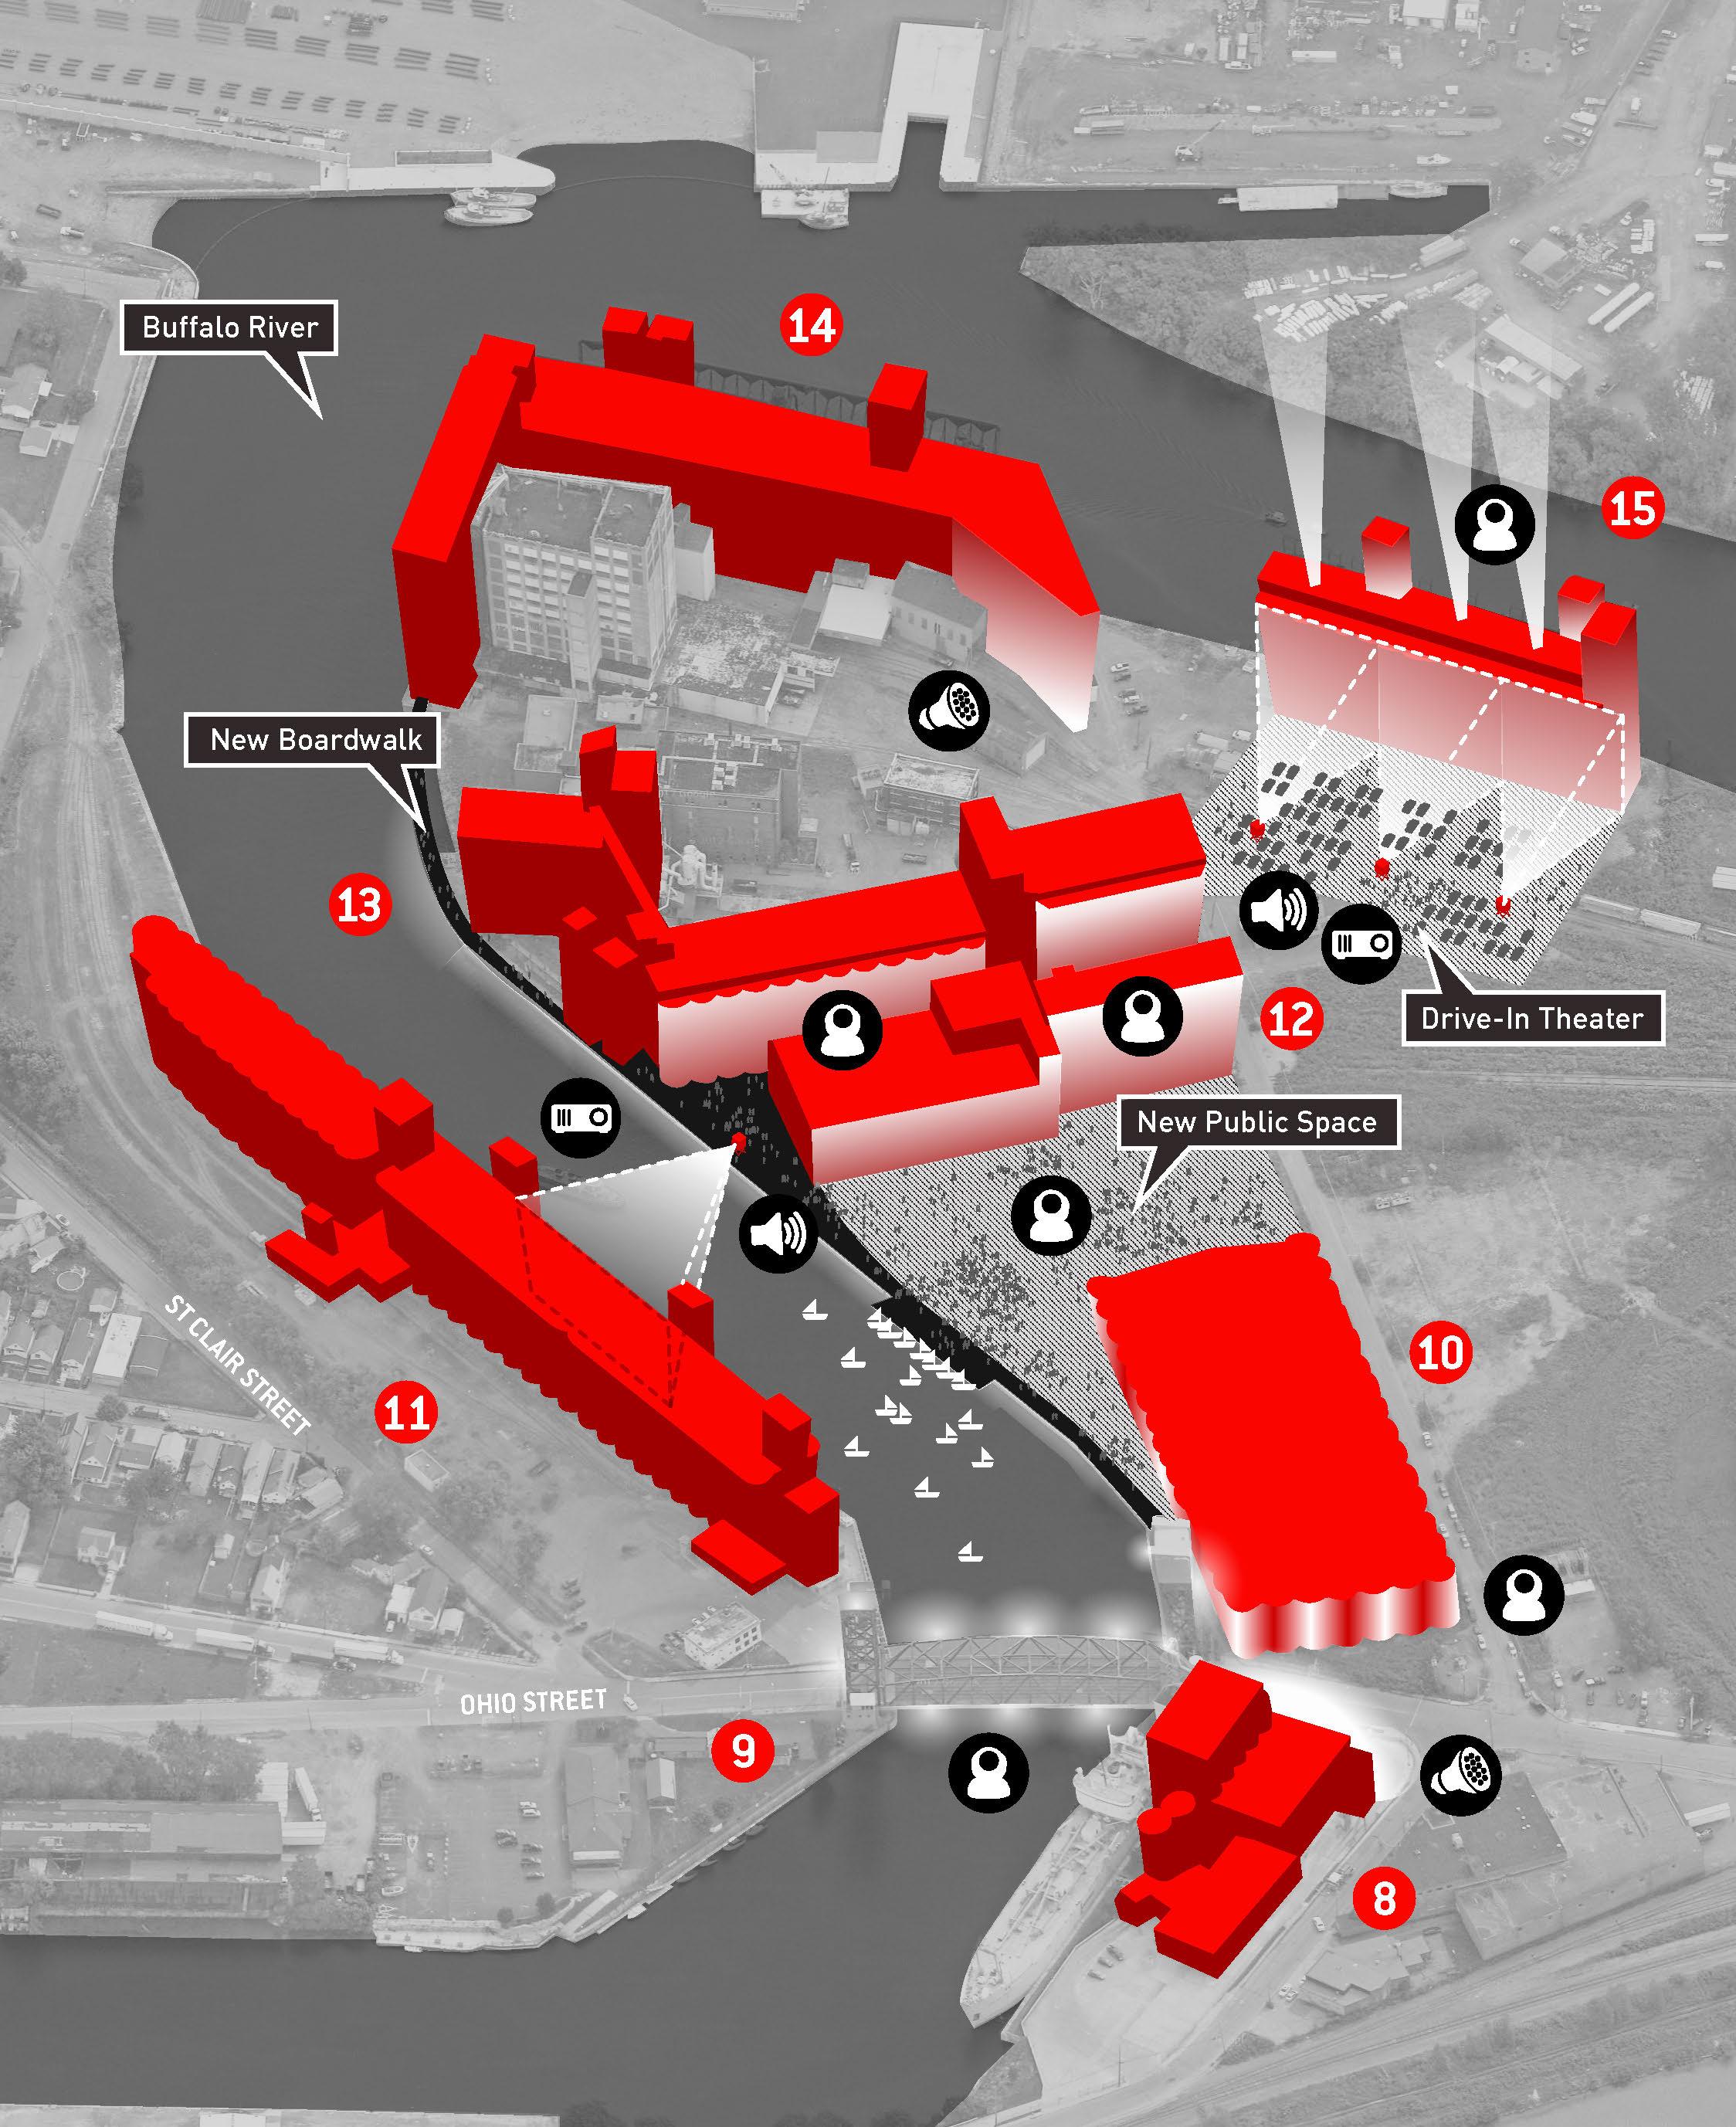 RED_8+9+10+11+12+13+14+15.jpg